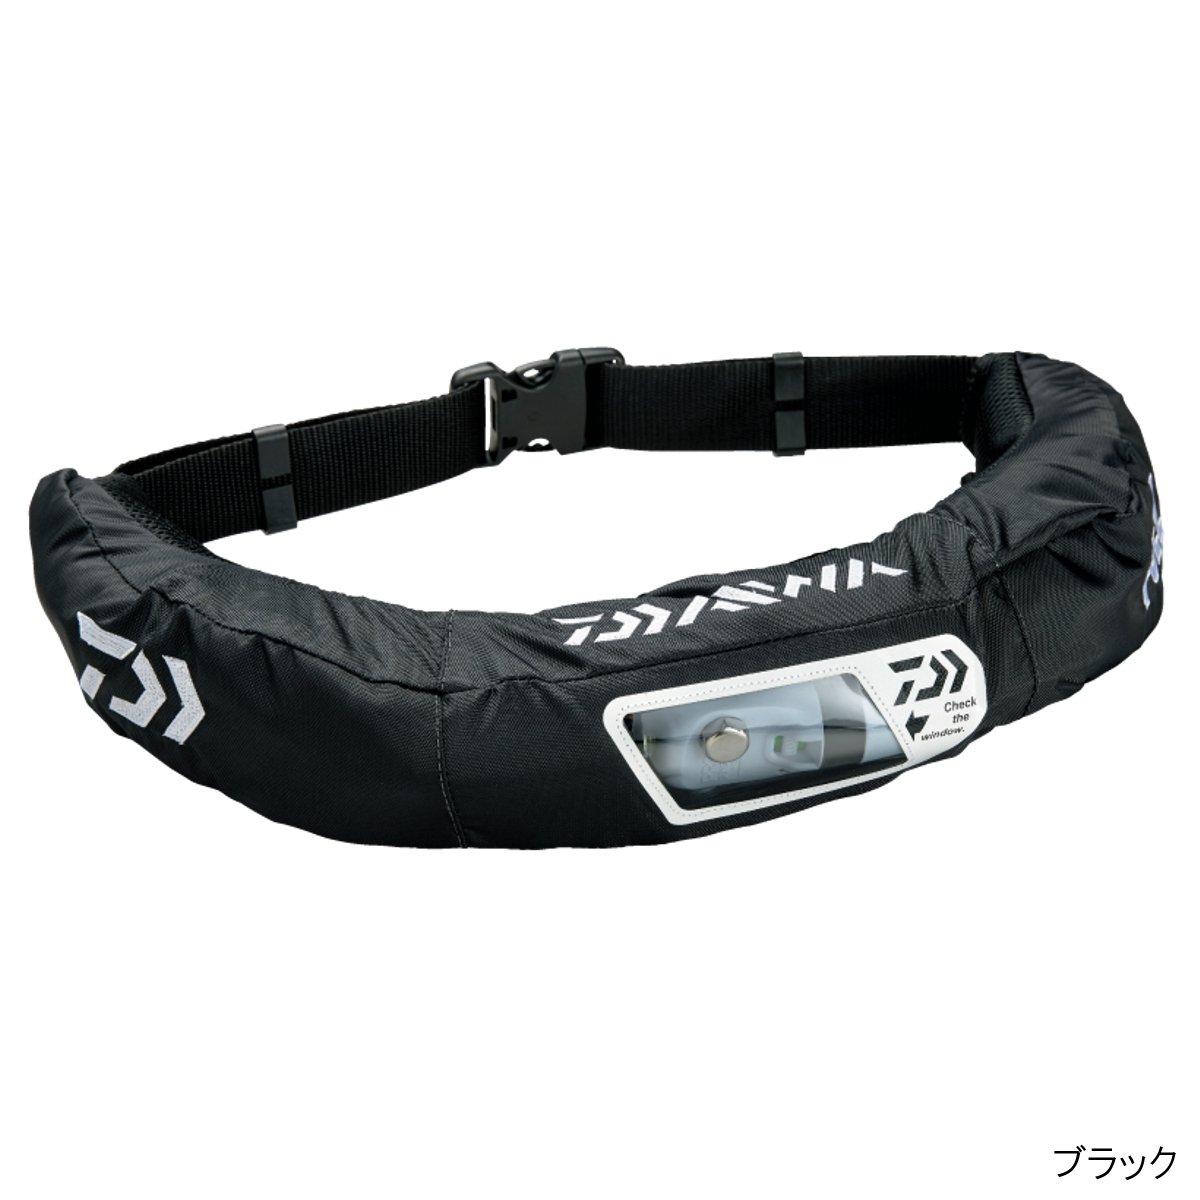 ダイワ(Daiwa)ライフジャケットウォッシャブルウエストタイプ手動・自動膨脹式ブラックDF-2207フリーサイズの画像